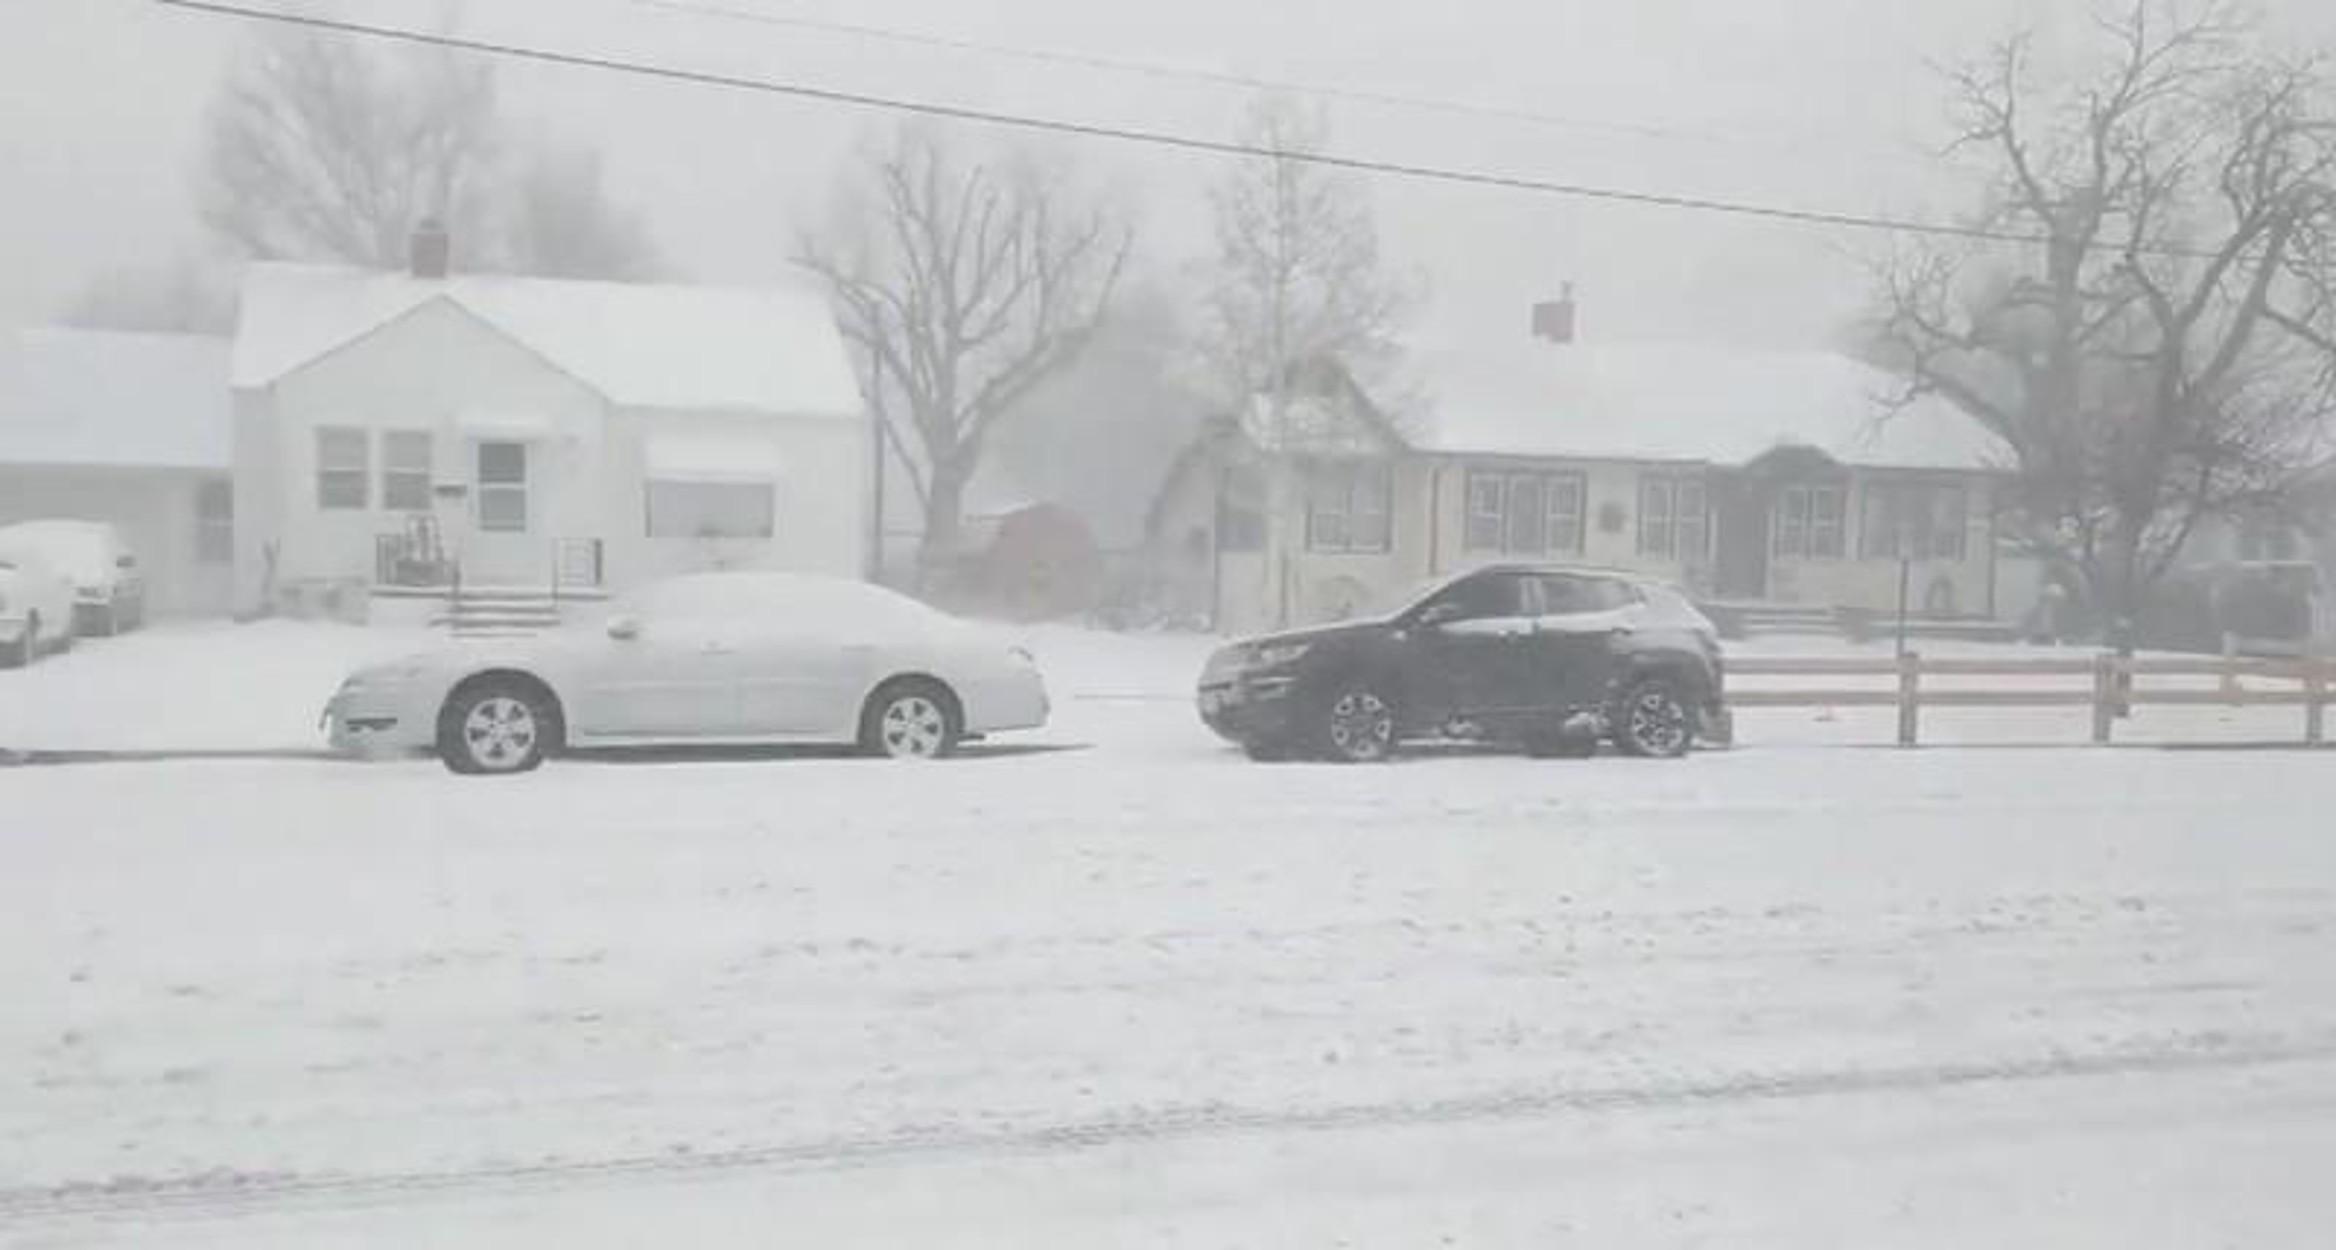 Παιδιά πέταξαν χιονόμπαλες στο αυτοκίνητό του και… τα πυροβόλησε!